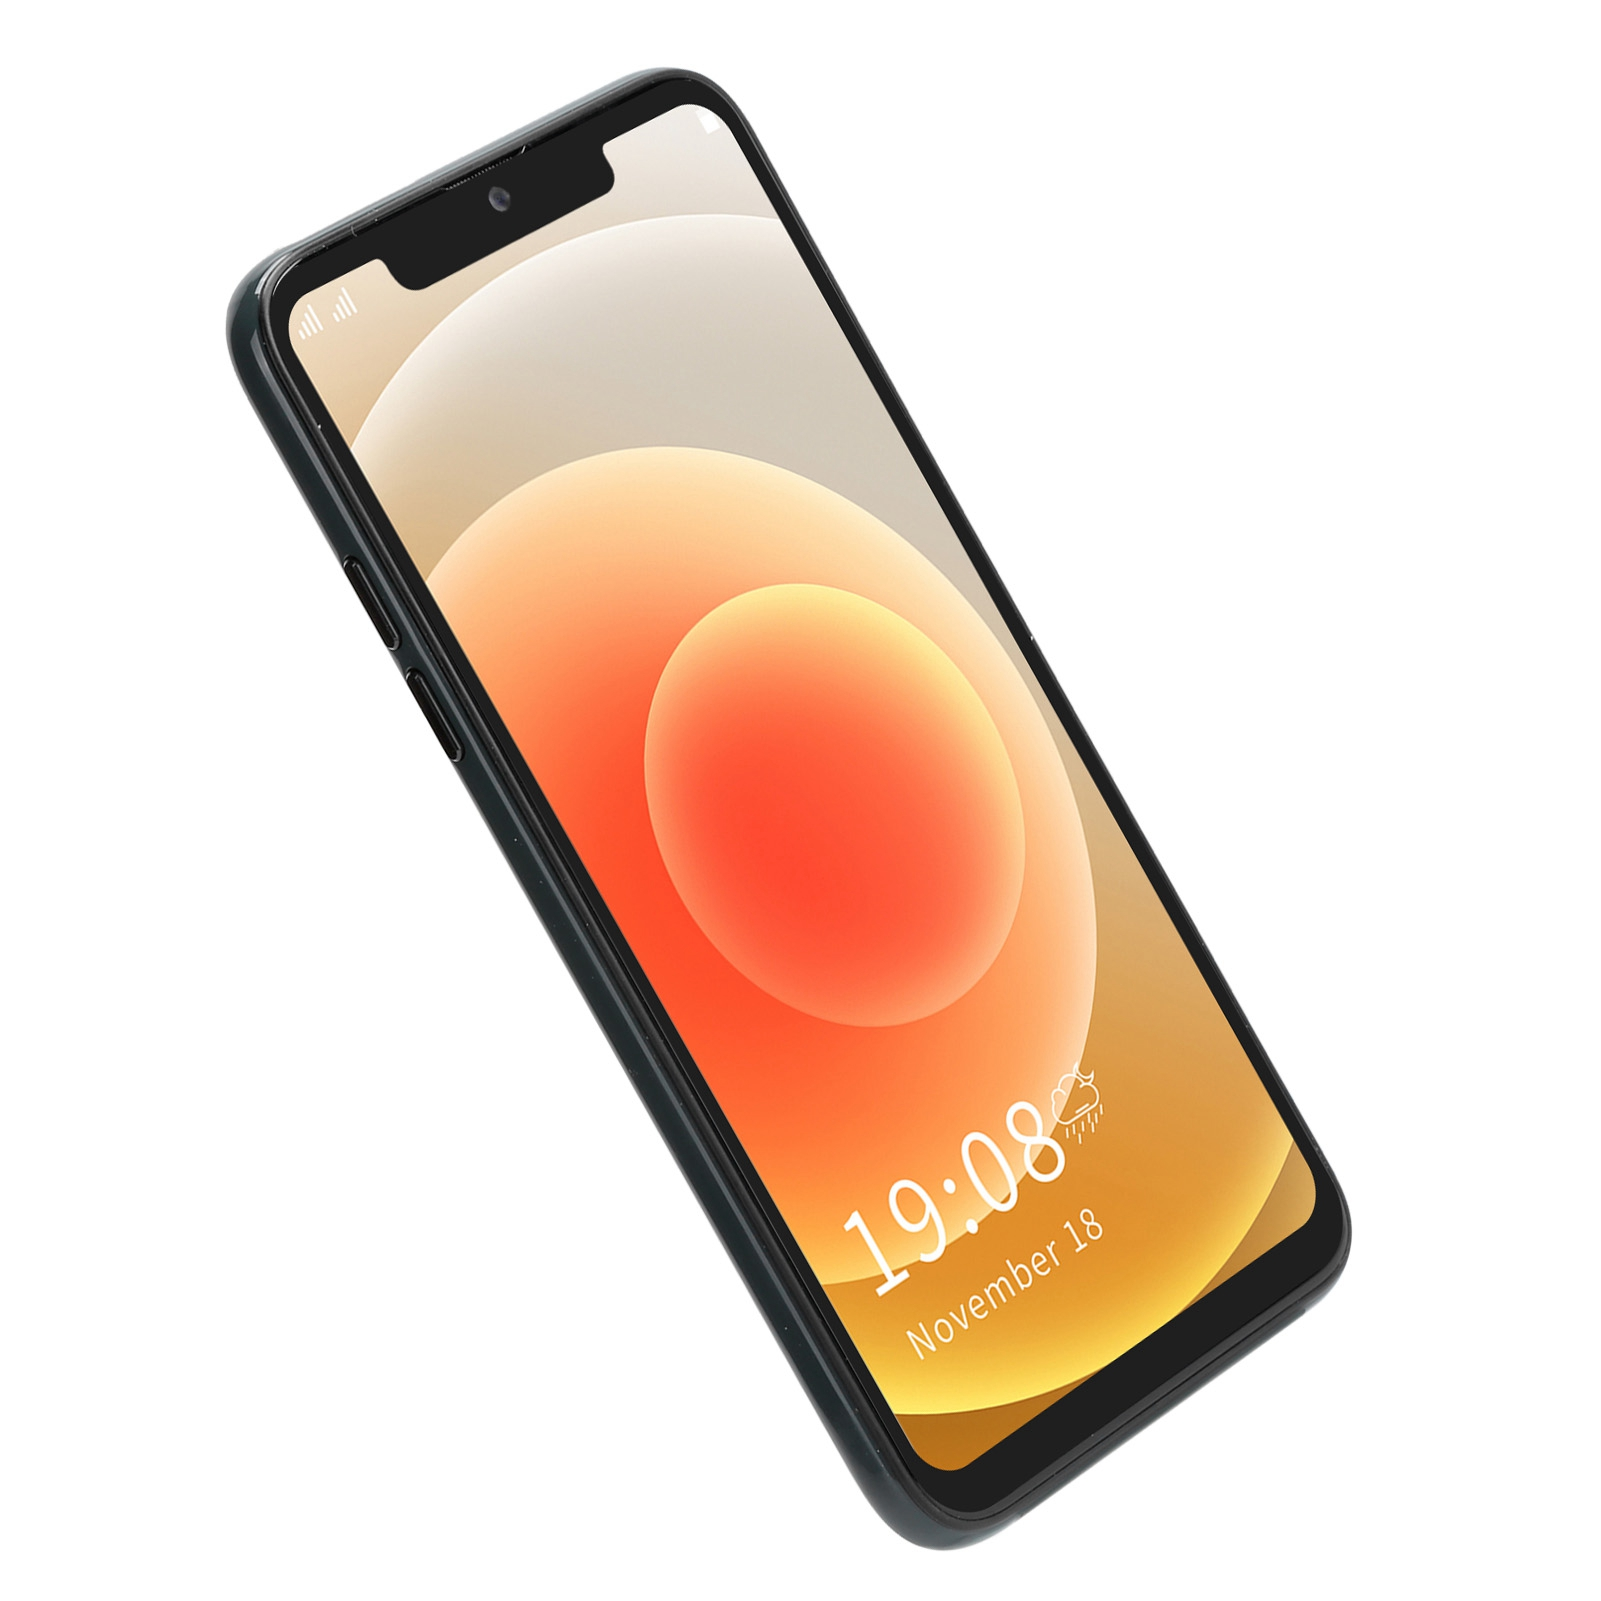 """miniature 26 - 6.5"""" Smartphone 1 Go 16 Go Mobile Phone Dual SIM avant arrière double caméra Android"""